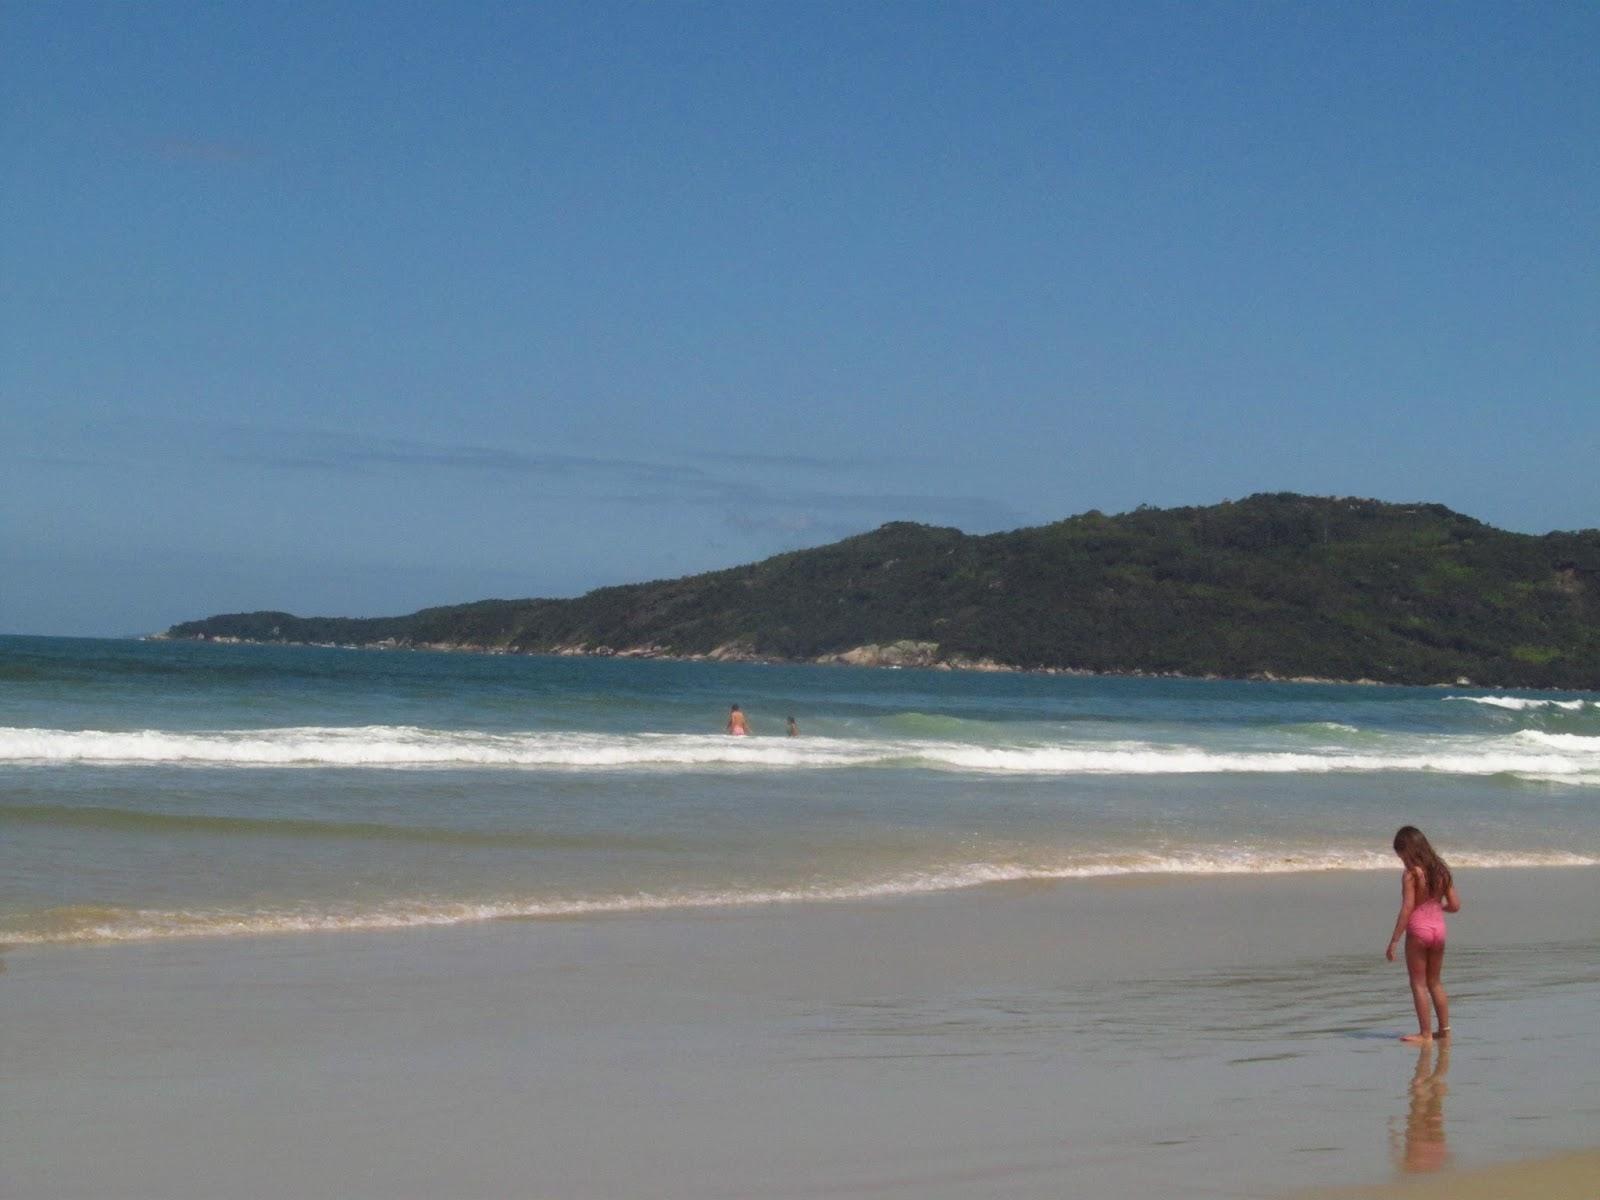 Podes viajar (Mochileando por ahí): Escapada al Sur de Brasil ...